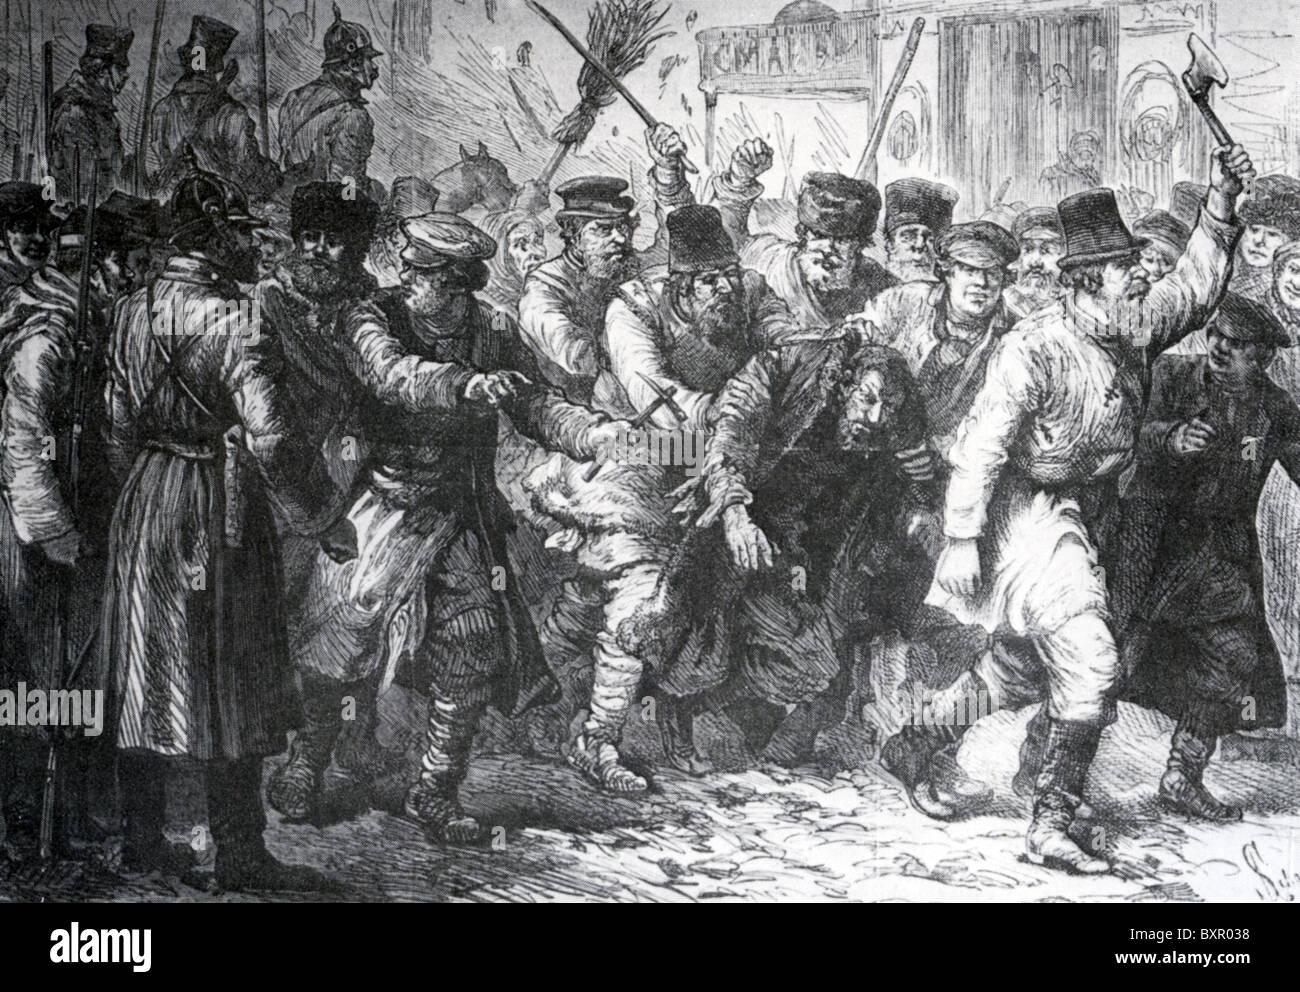 Kiew POGROM 1881 nach Ermordung von Alexander II.  Mobregel übernimmt, während Soldaten stehen. Stockbild